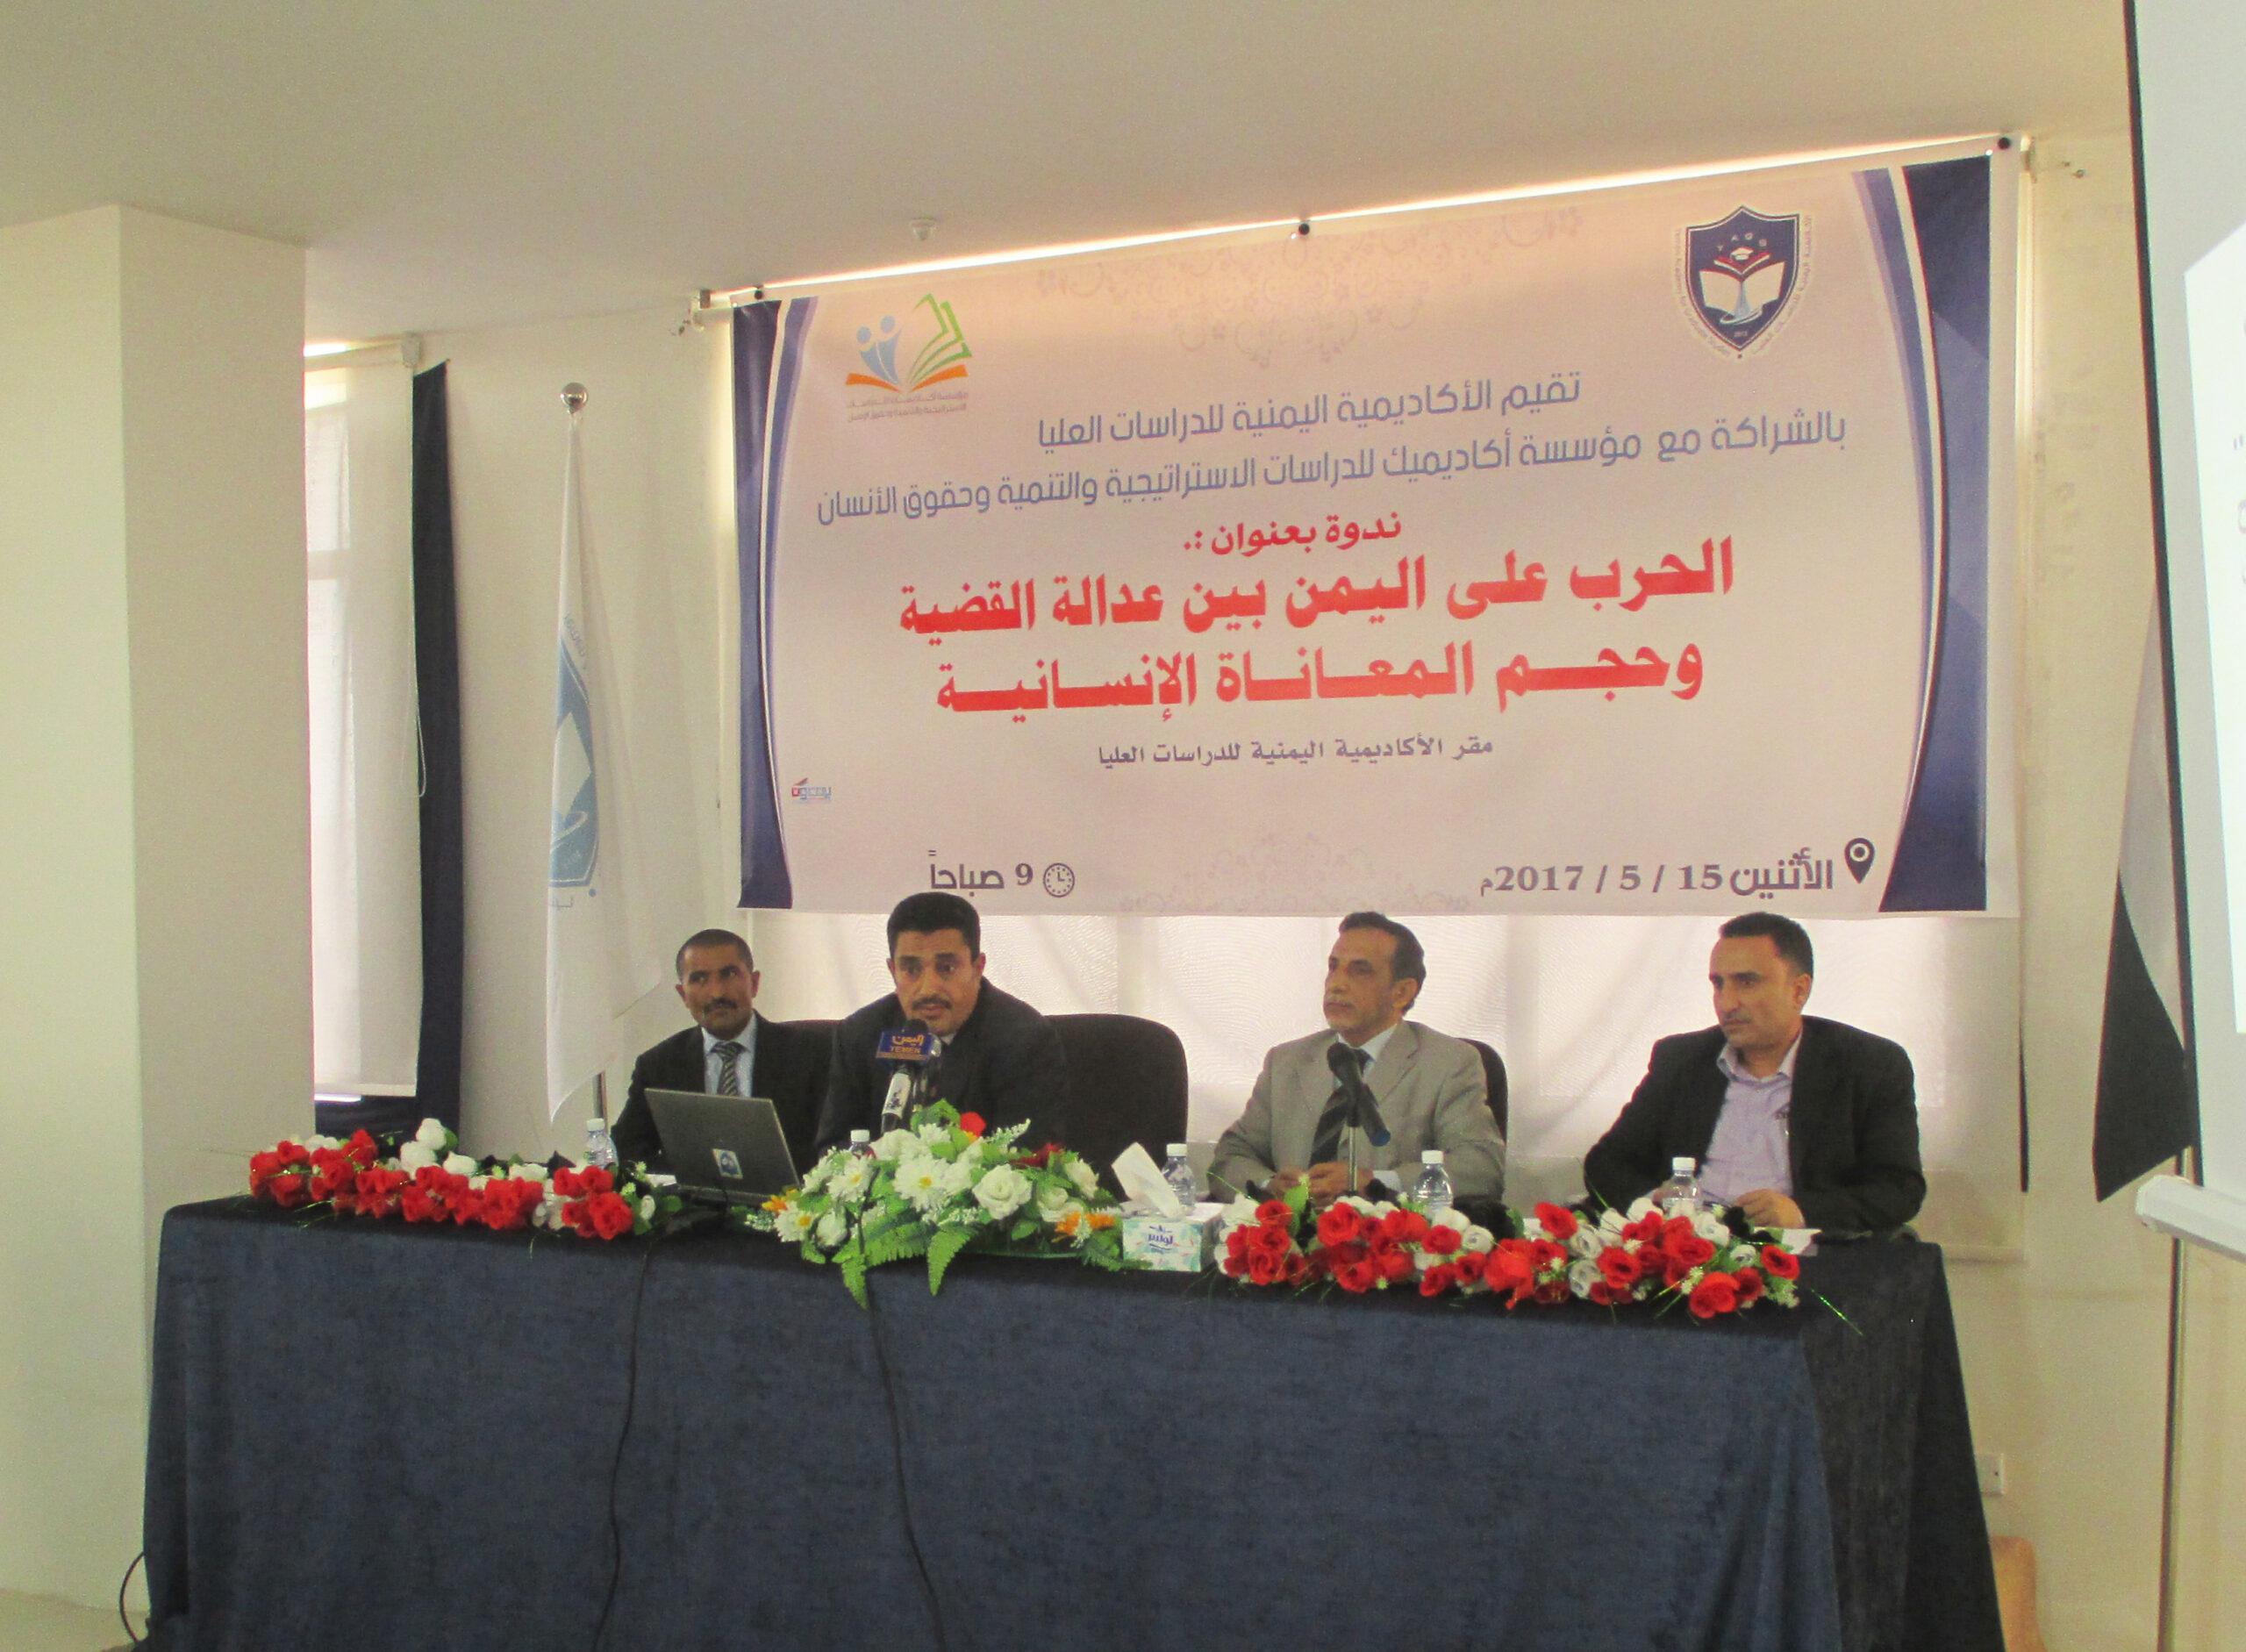 """ندوة علمية بعنوان: """" الحرب على اليمن بين عدالة القضية وحجم المعاناة الإنسانية"""""""